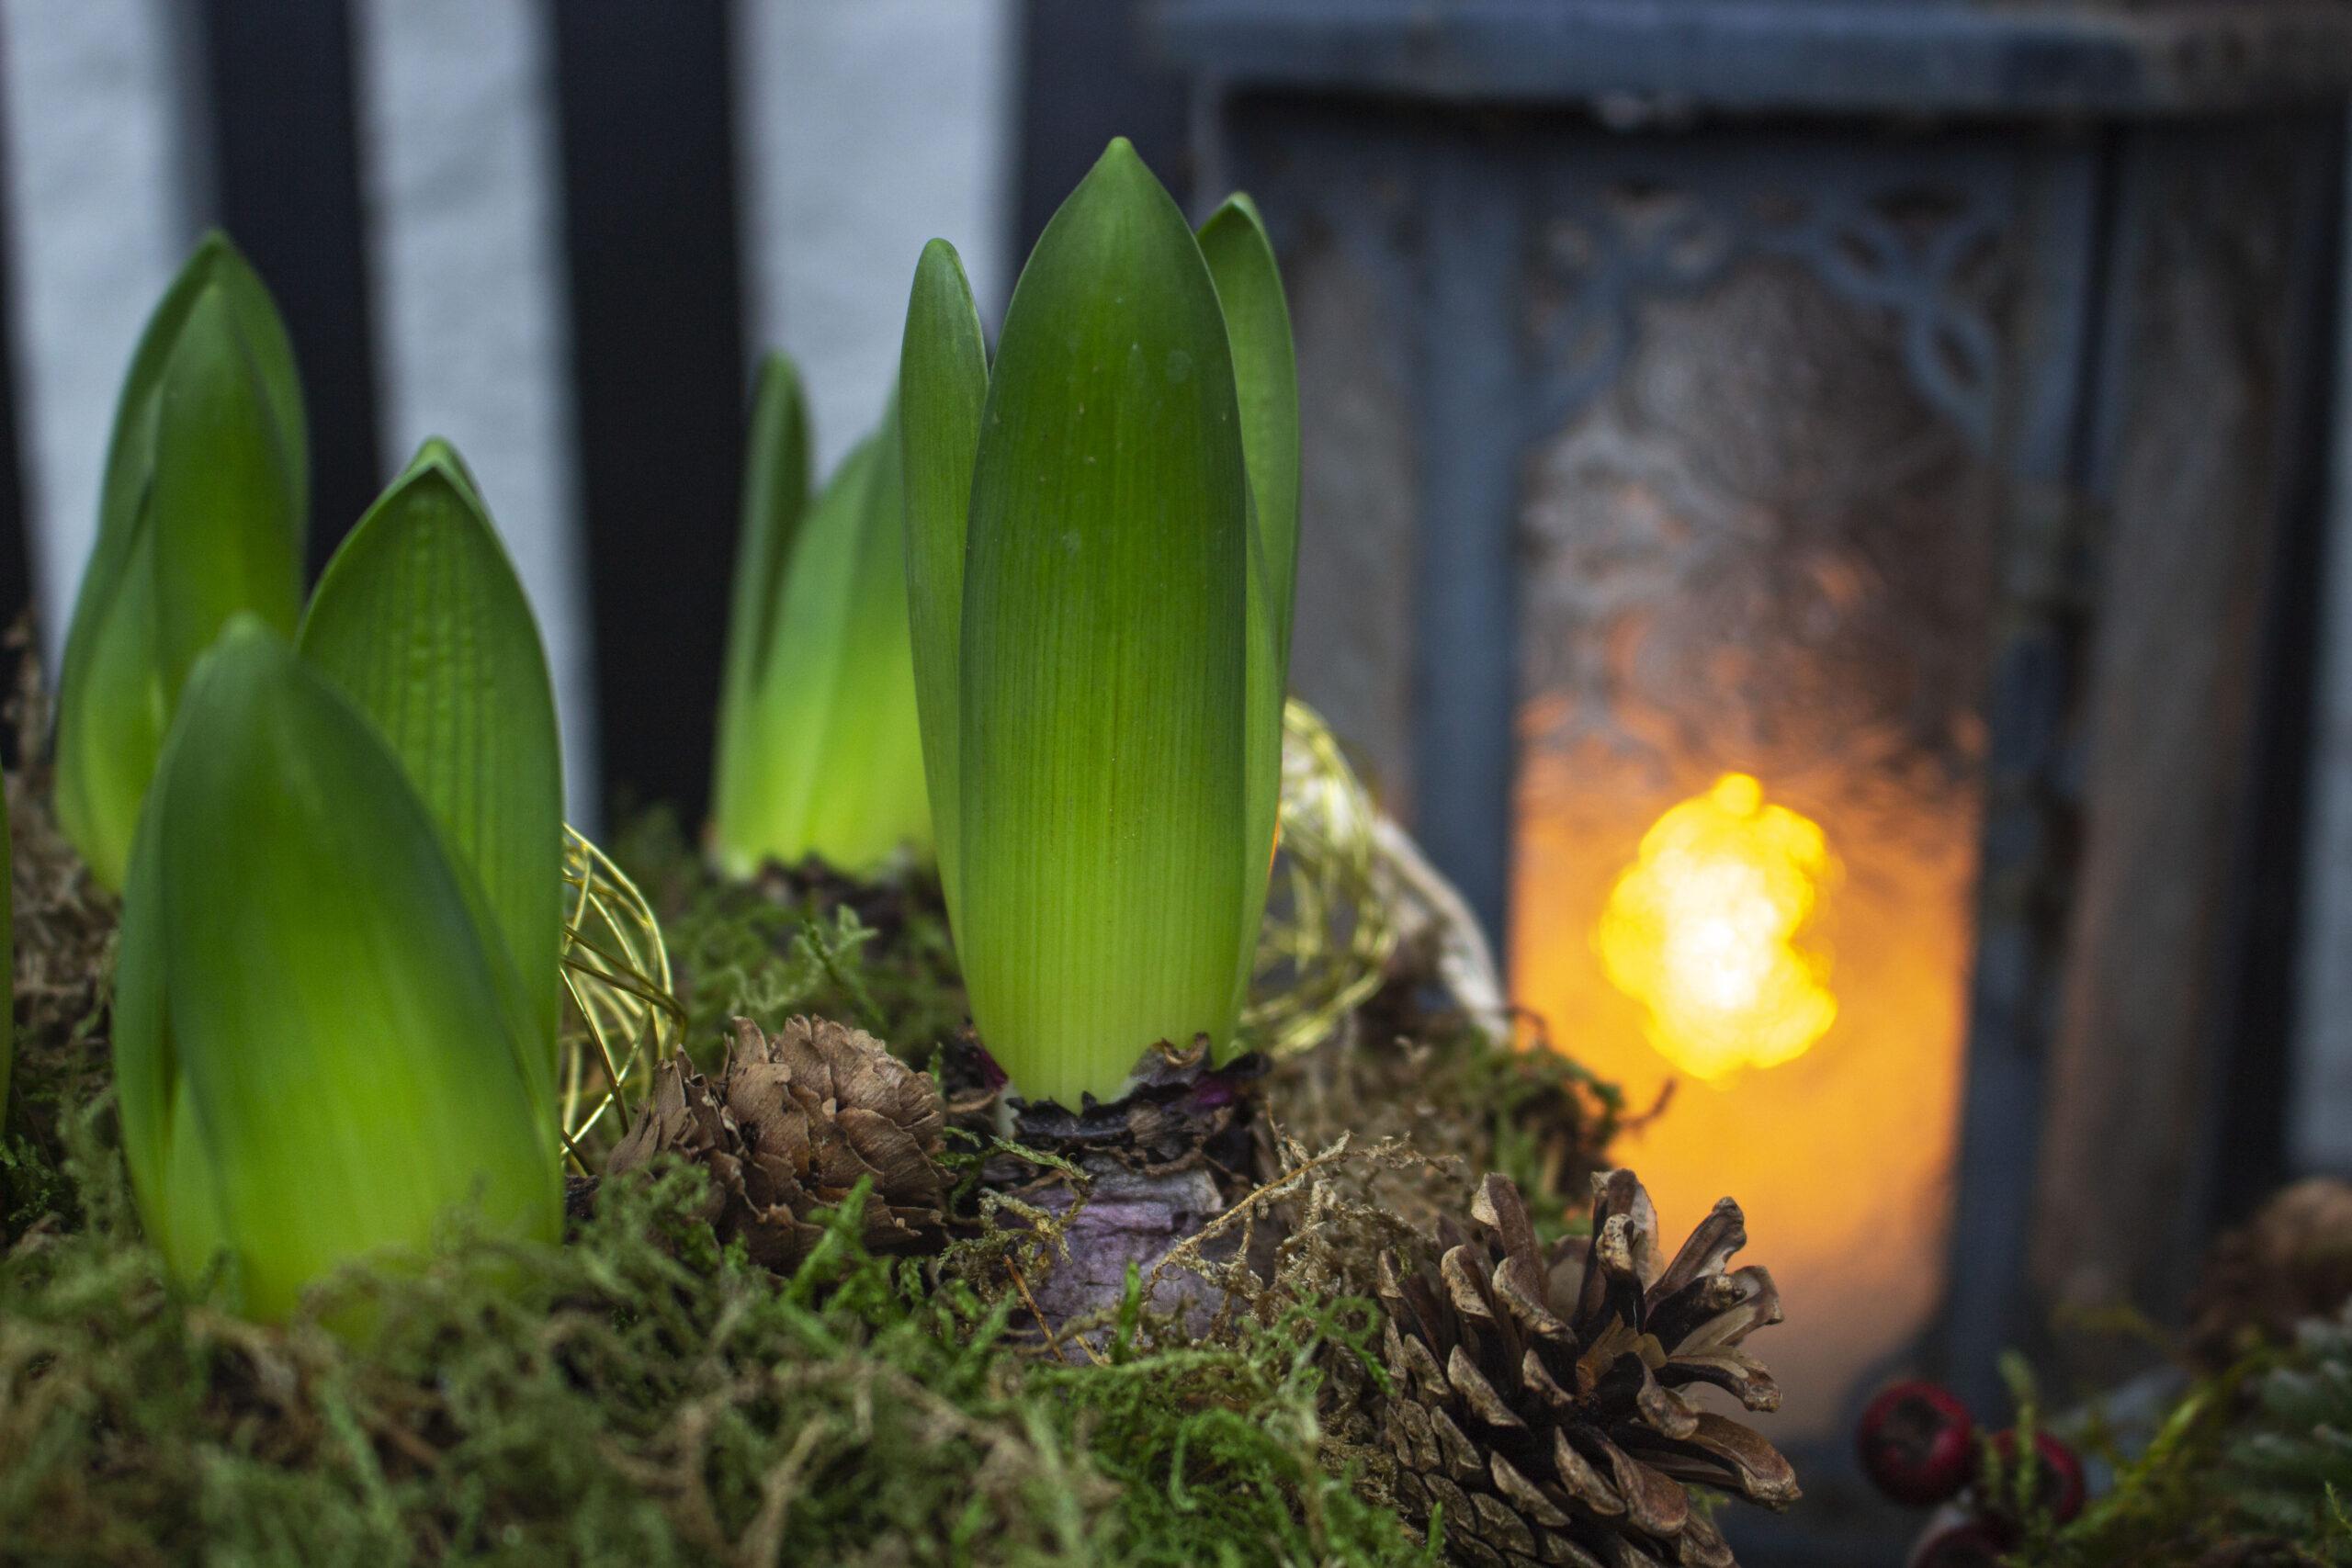 Vælg-de-rigtige-planter-til-dine-julekrukker